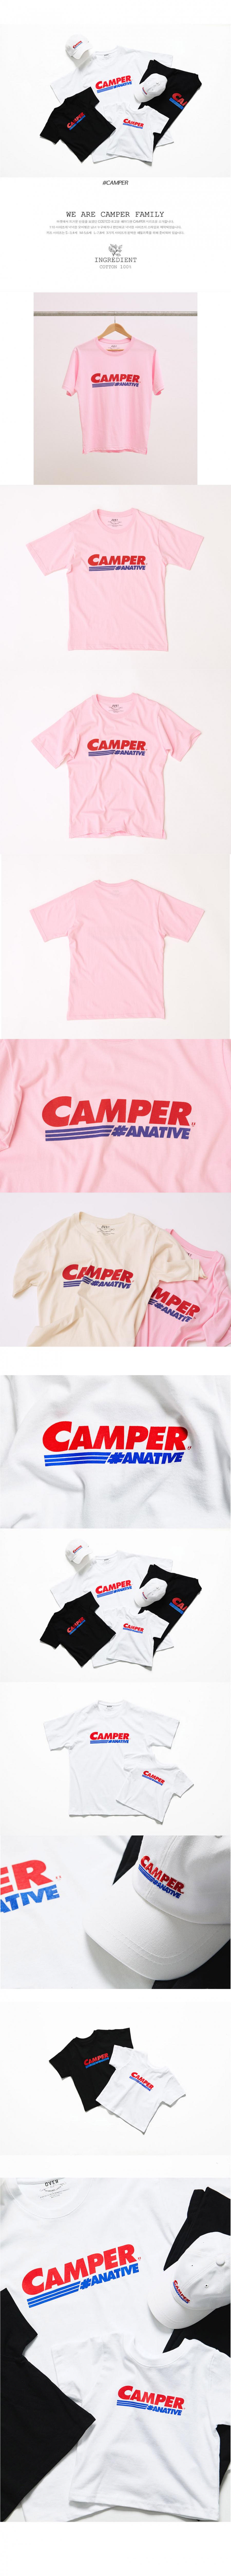 어네이티브(A.NATIVE) 30수 캠퍼 레터링 박스핏 반팔 티셔츠 (핑크)